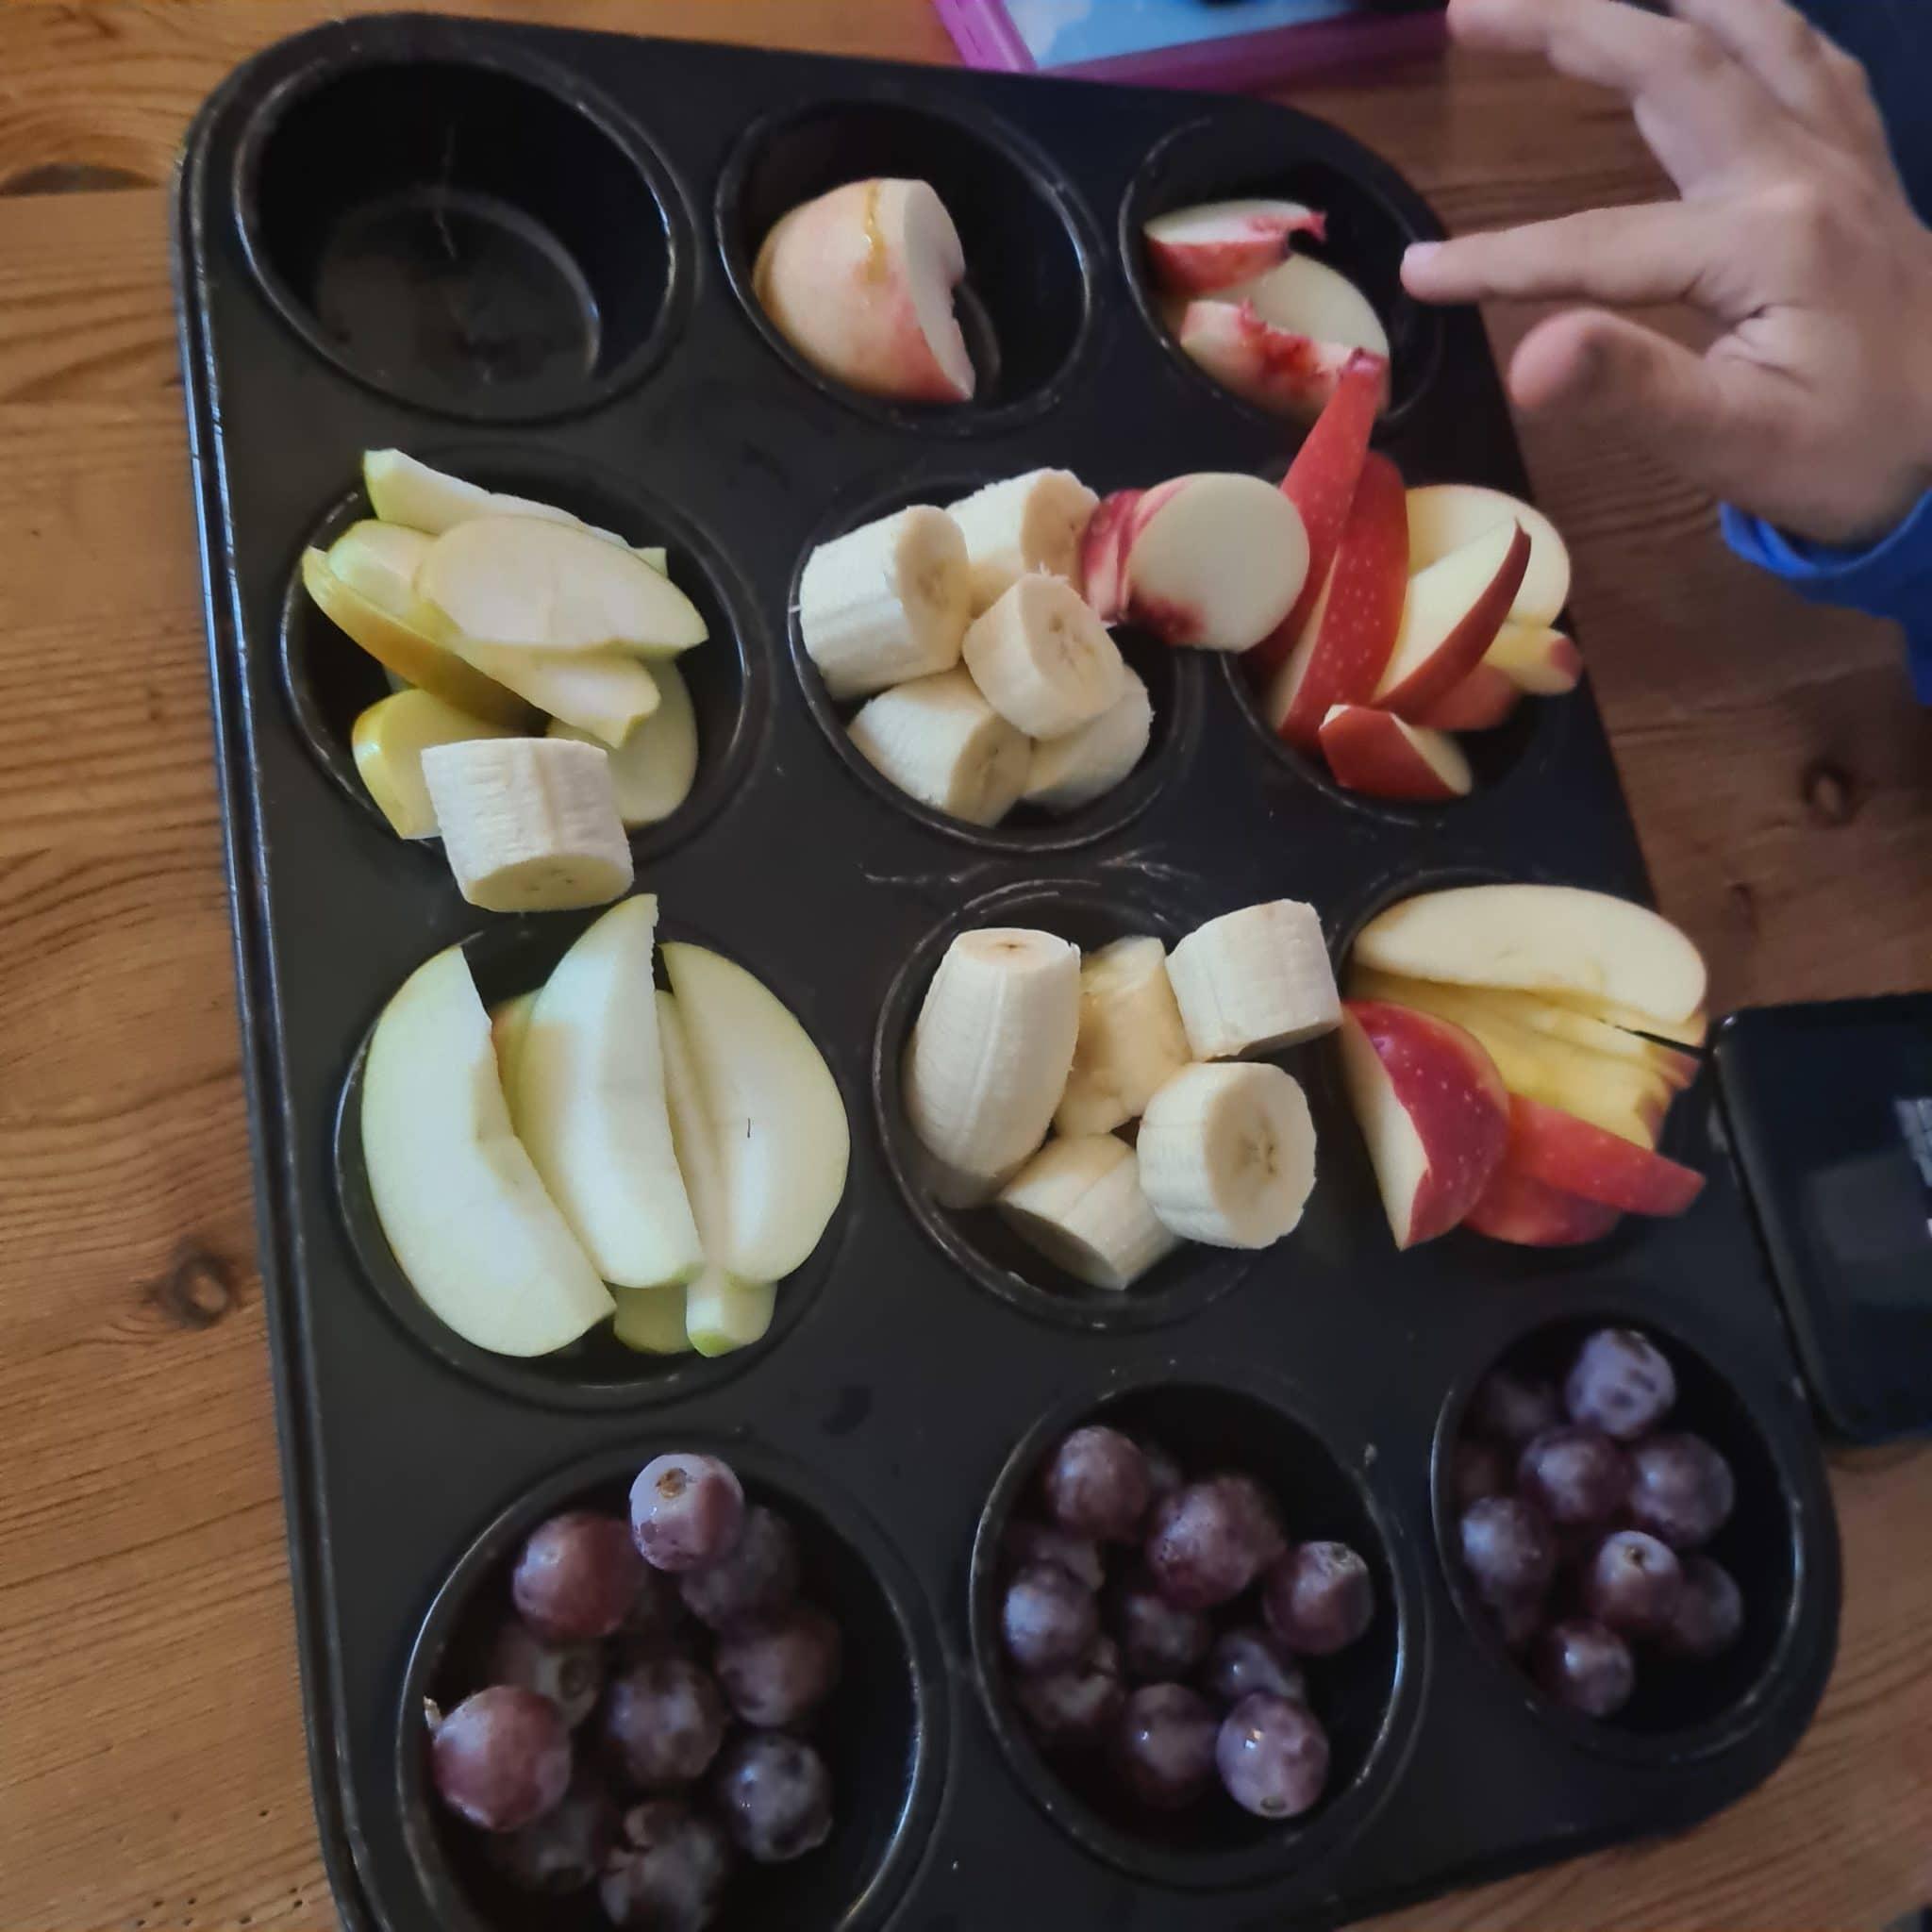 Zum Abendbrot gibt es wieder Obstteller für alle Familienmitglieder.